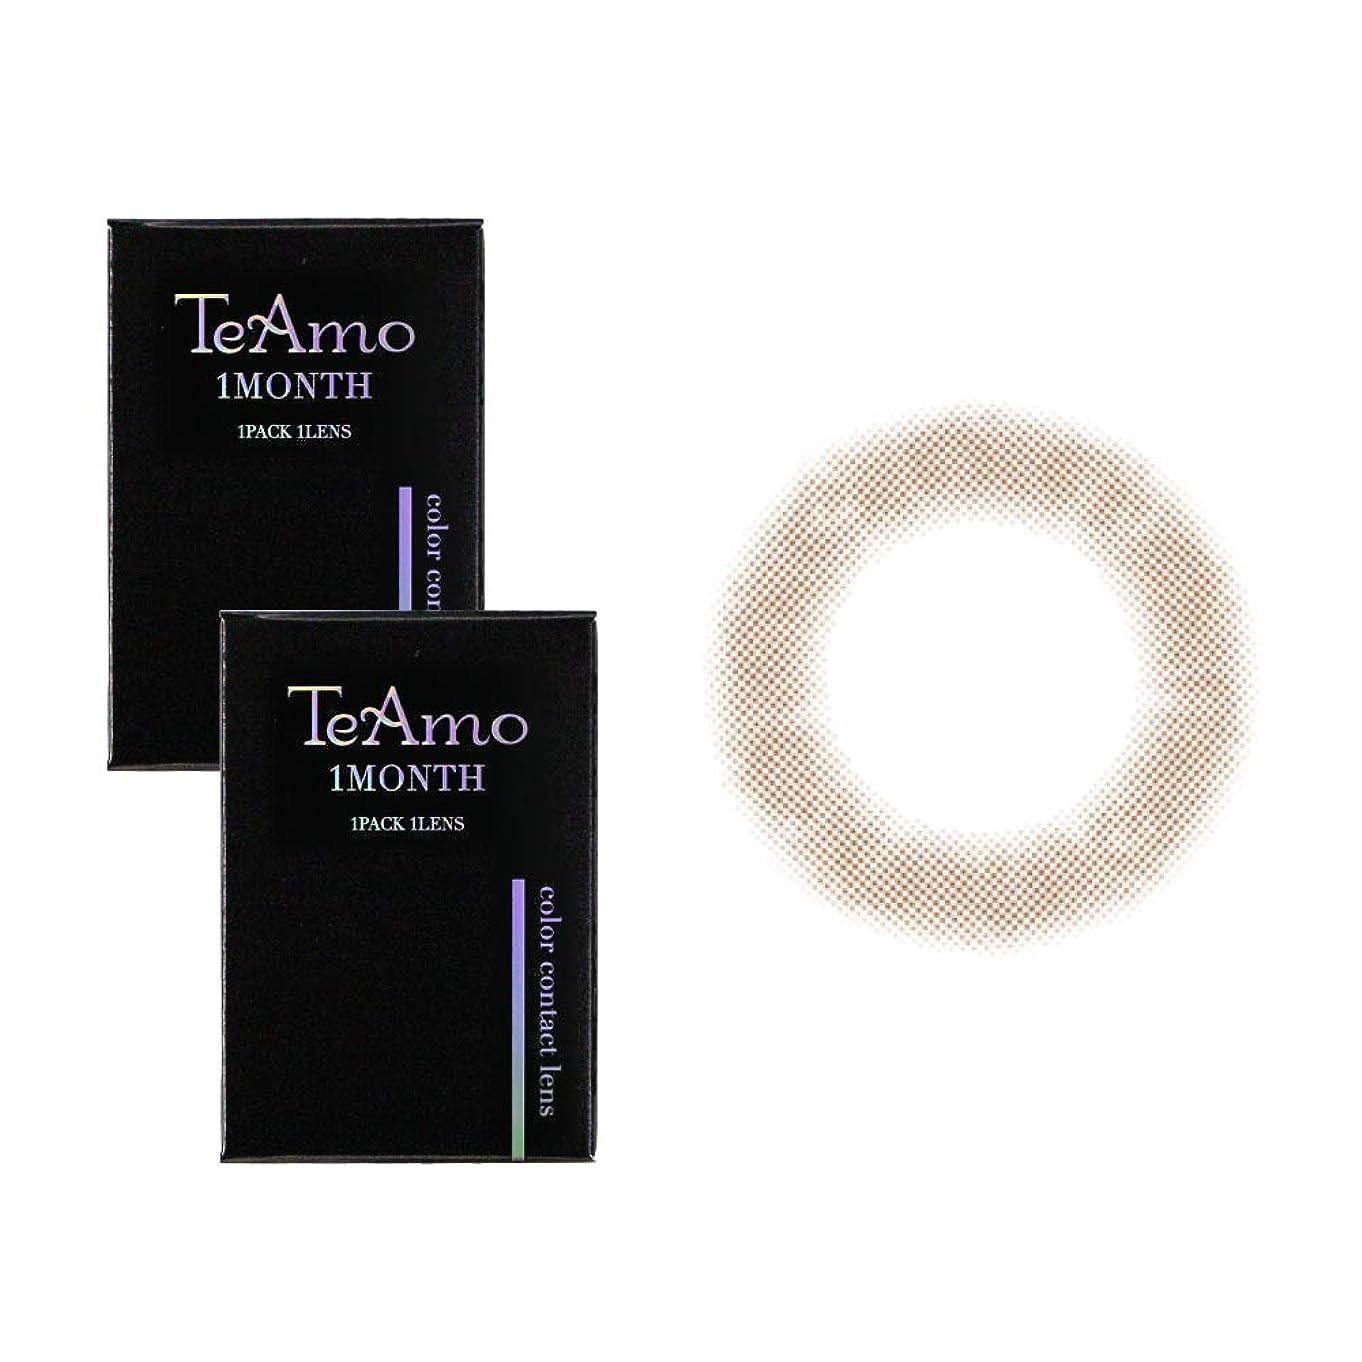 サンプル曲線濃度カラコン ティアモ TeAmo マンスリー 2枚入り【度あり】14.2mm ピュールブラウン 1month_-4.50